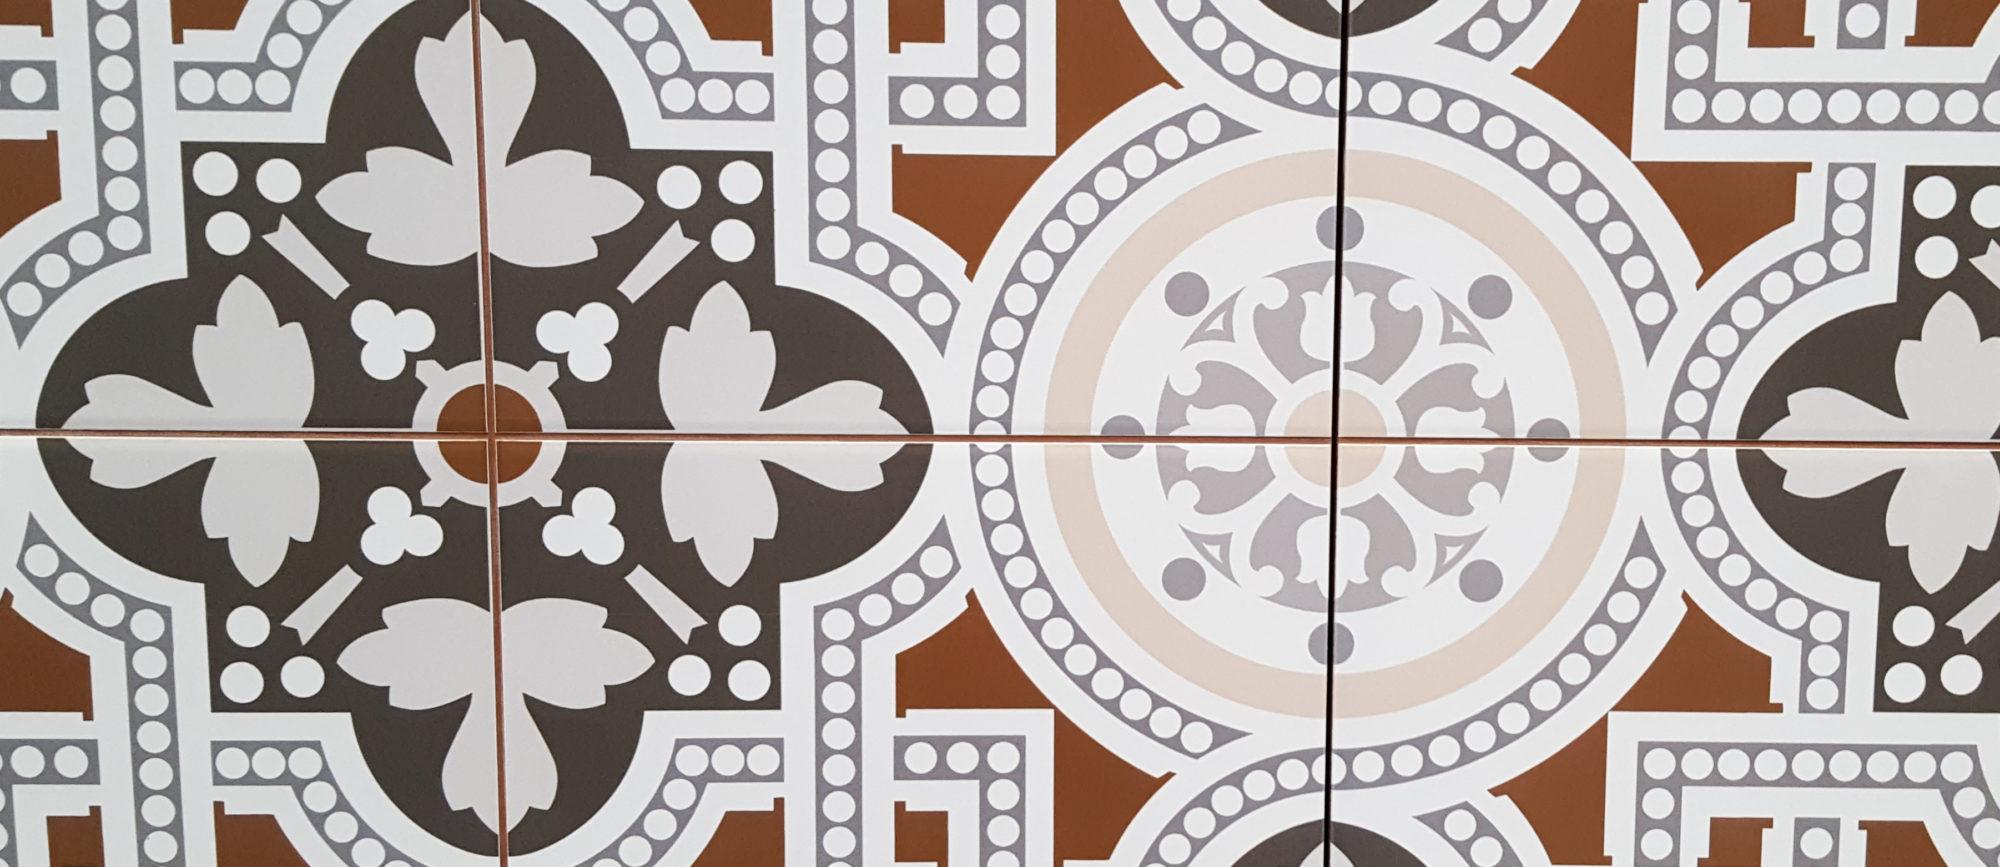 Encaustic & Quarry Tile Cleaning